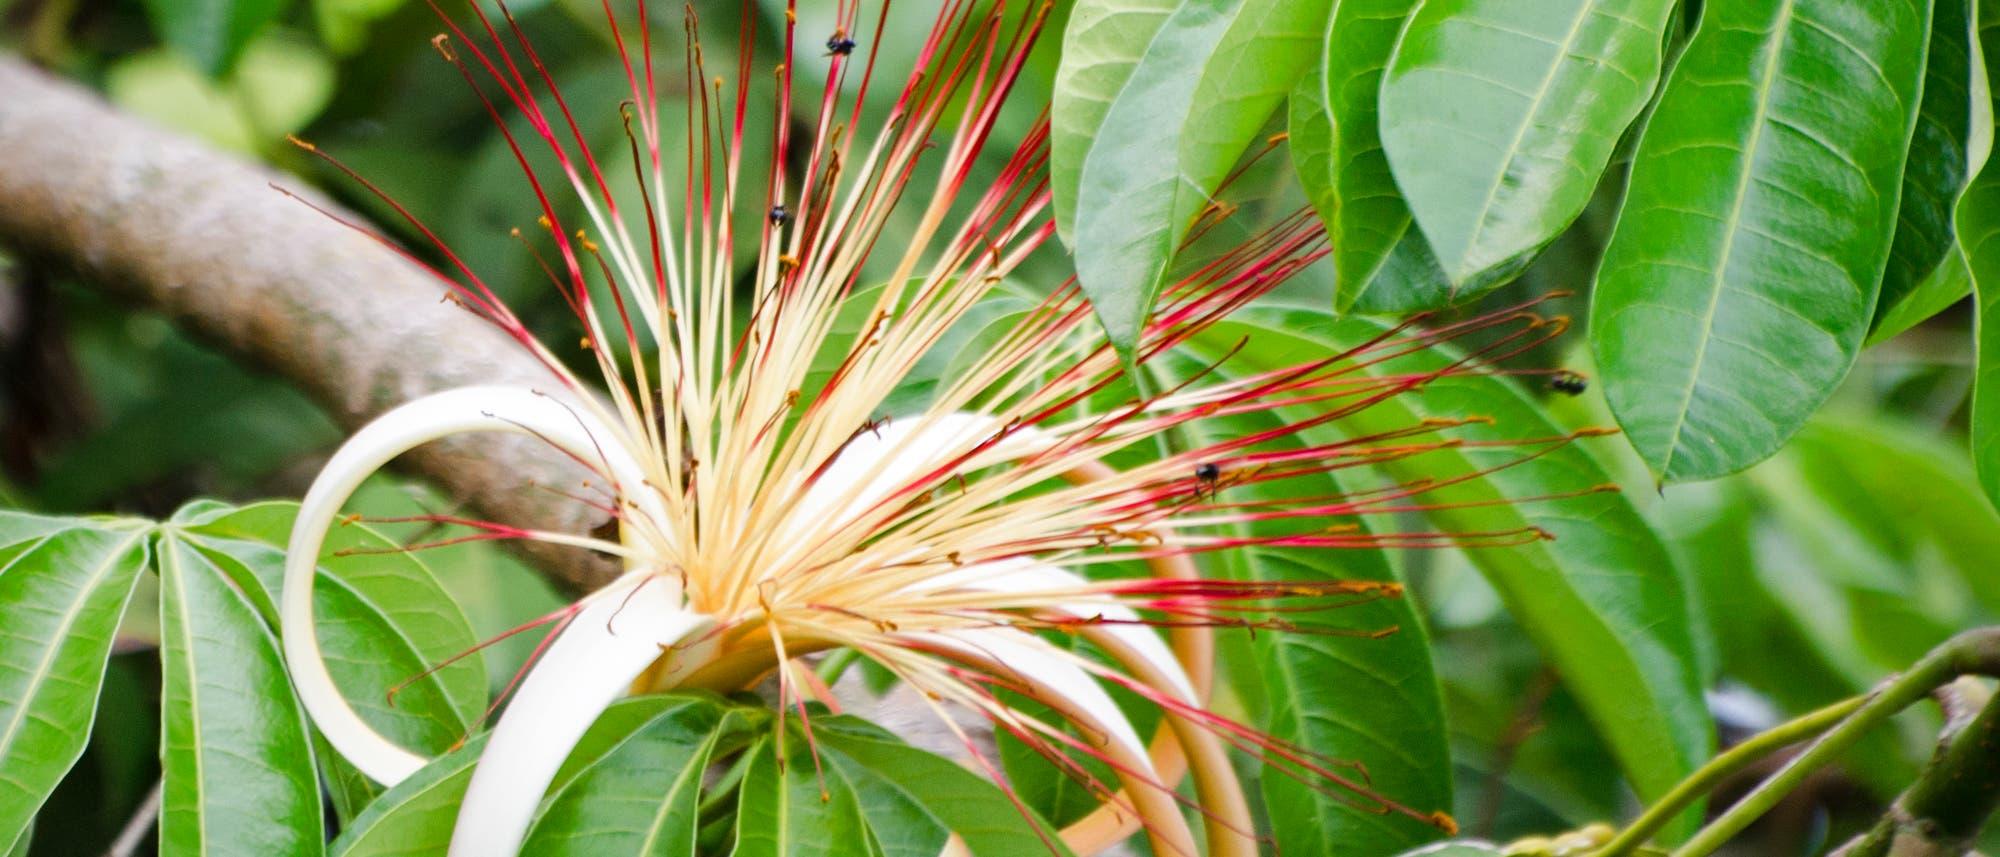 Glückskastanie - eine der größten Baumblüten der Erde